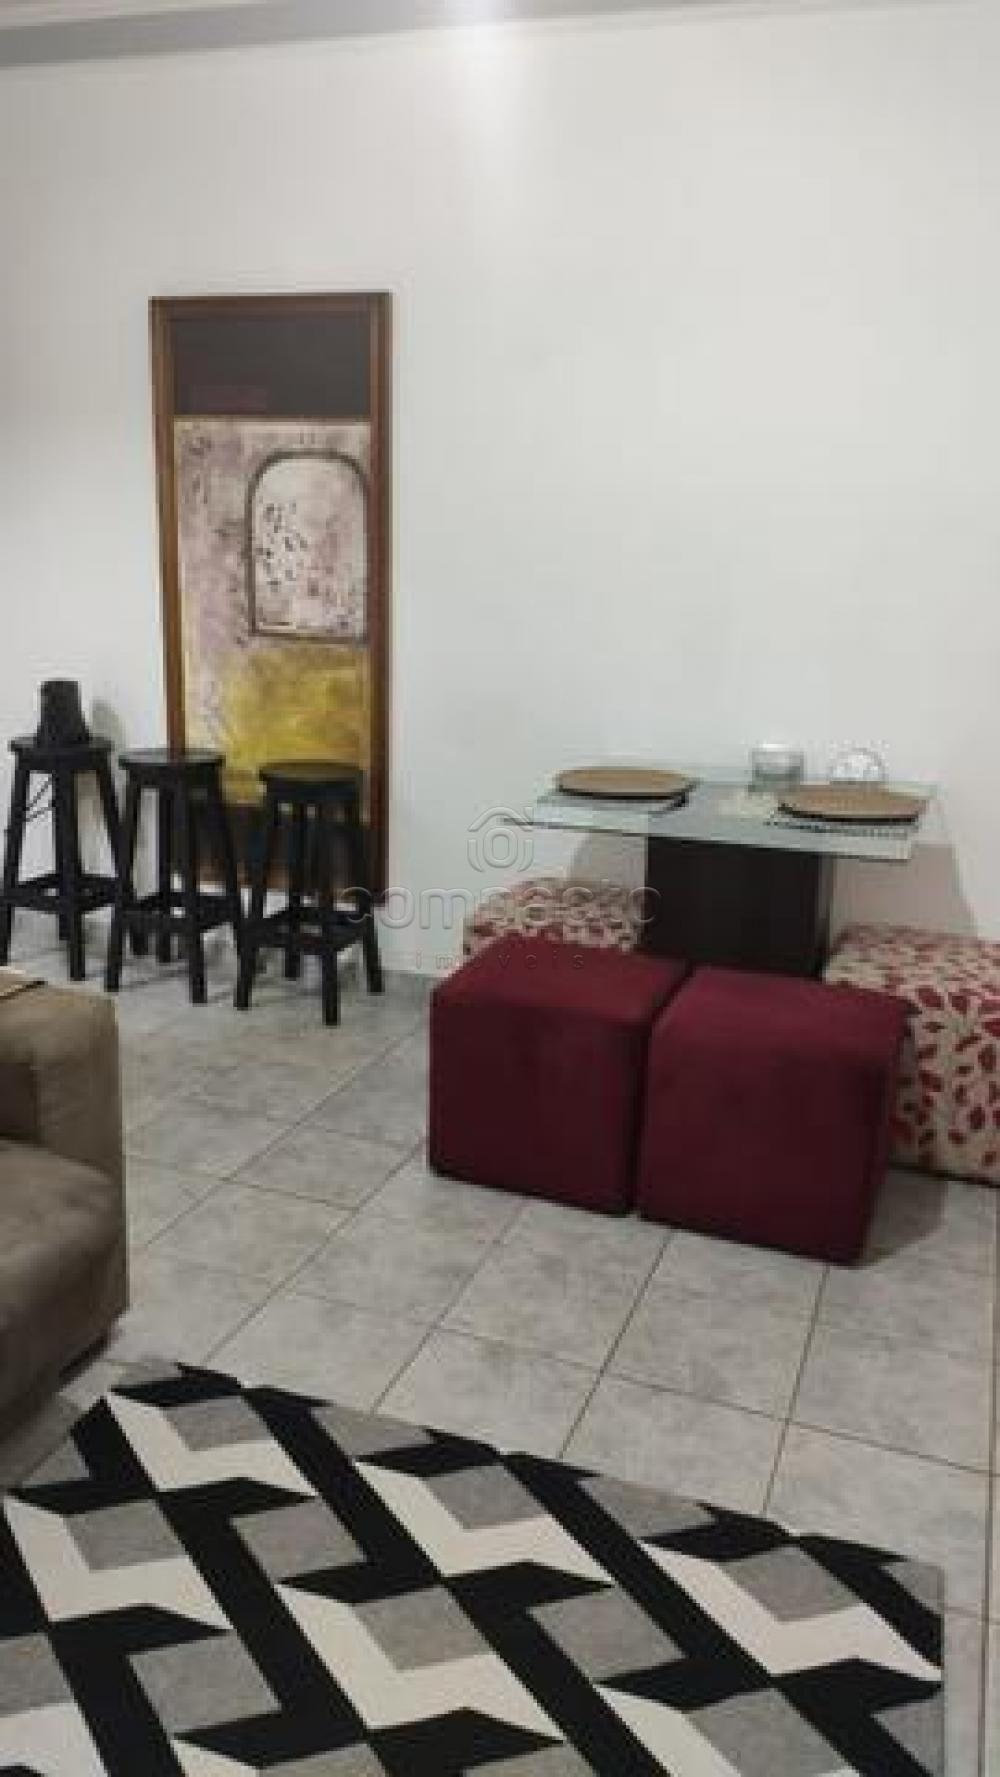 Comprar Apartamento / Padrão em São José do Rio Preto apenas R$ 170.000,00 - Foto 3